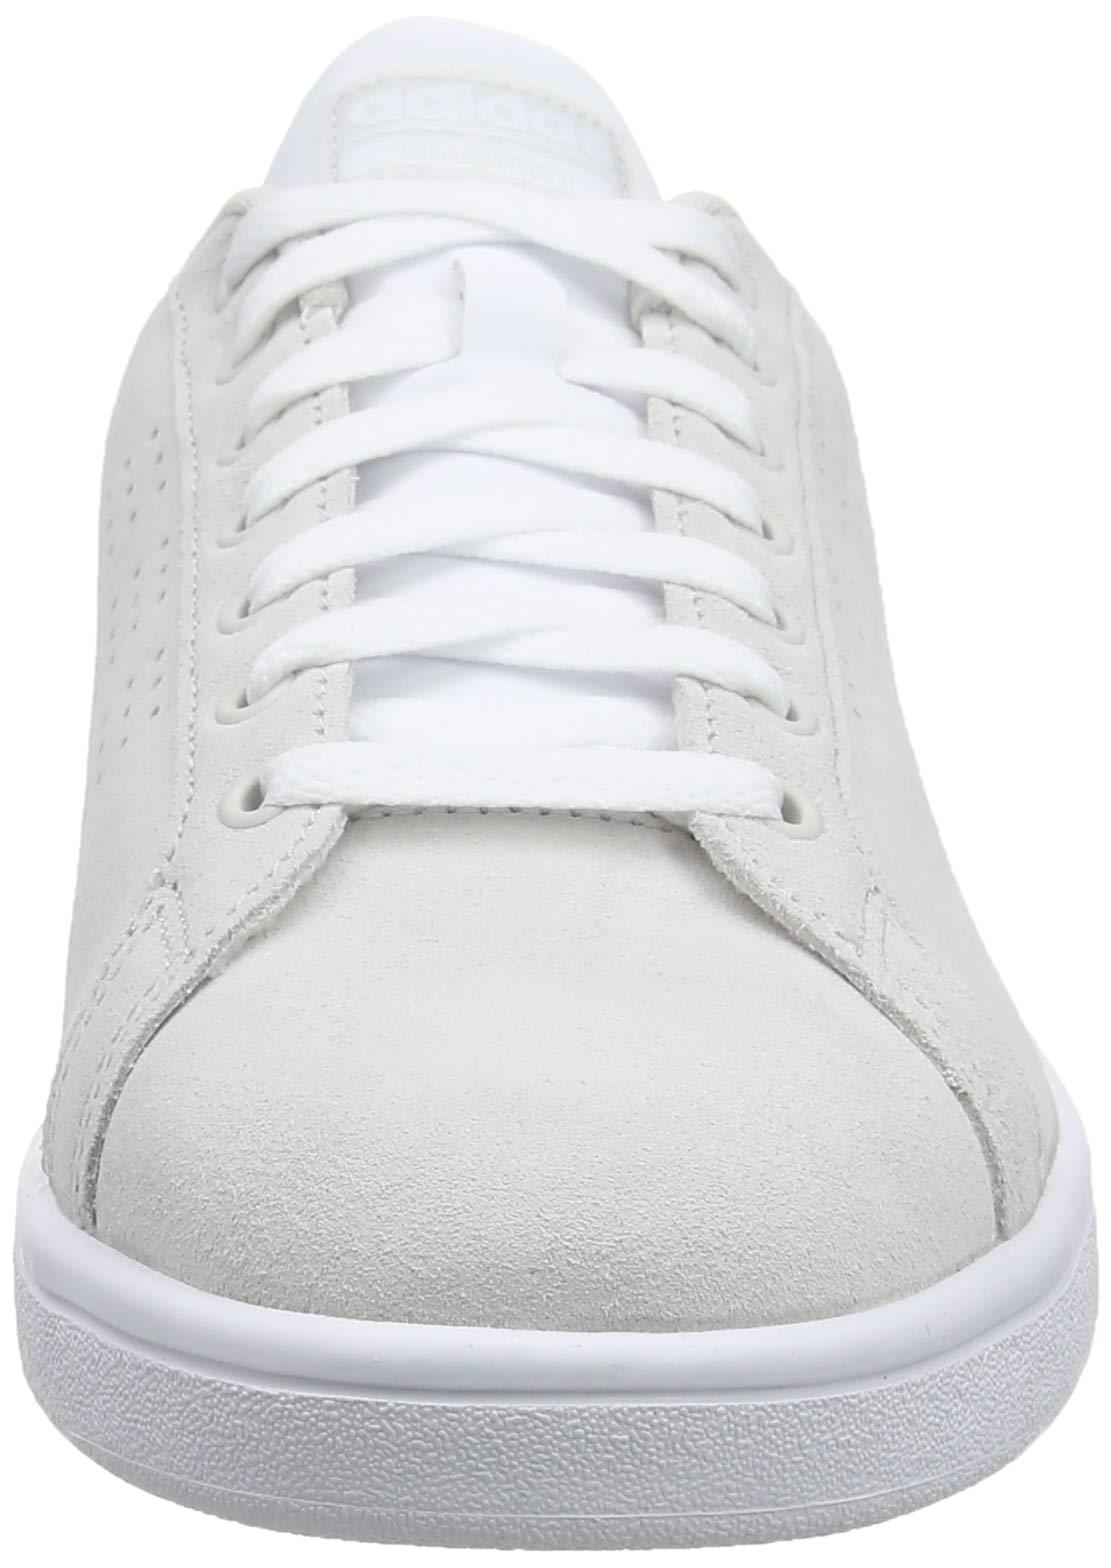 on sale 91ce8 ac0f8 Adidas Cloudfoam Advantage Clean, Scarpe da Ginnastica Basse Uomo – Spesavip